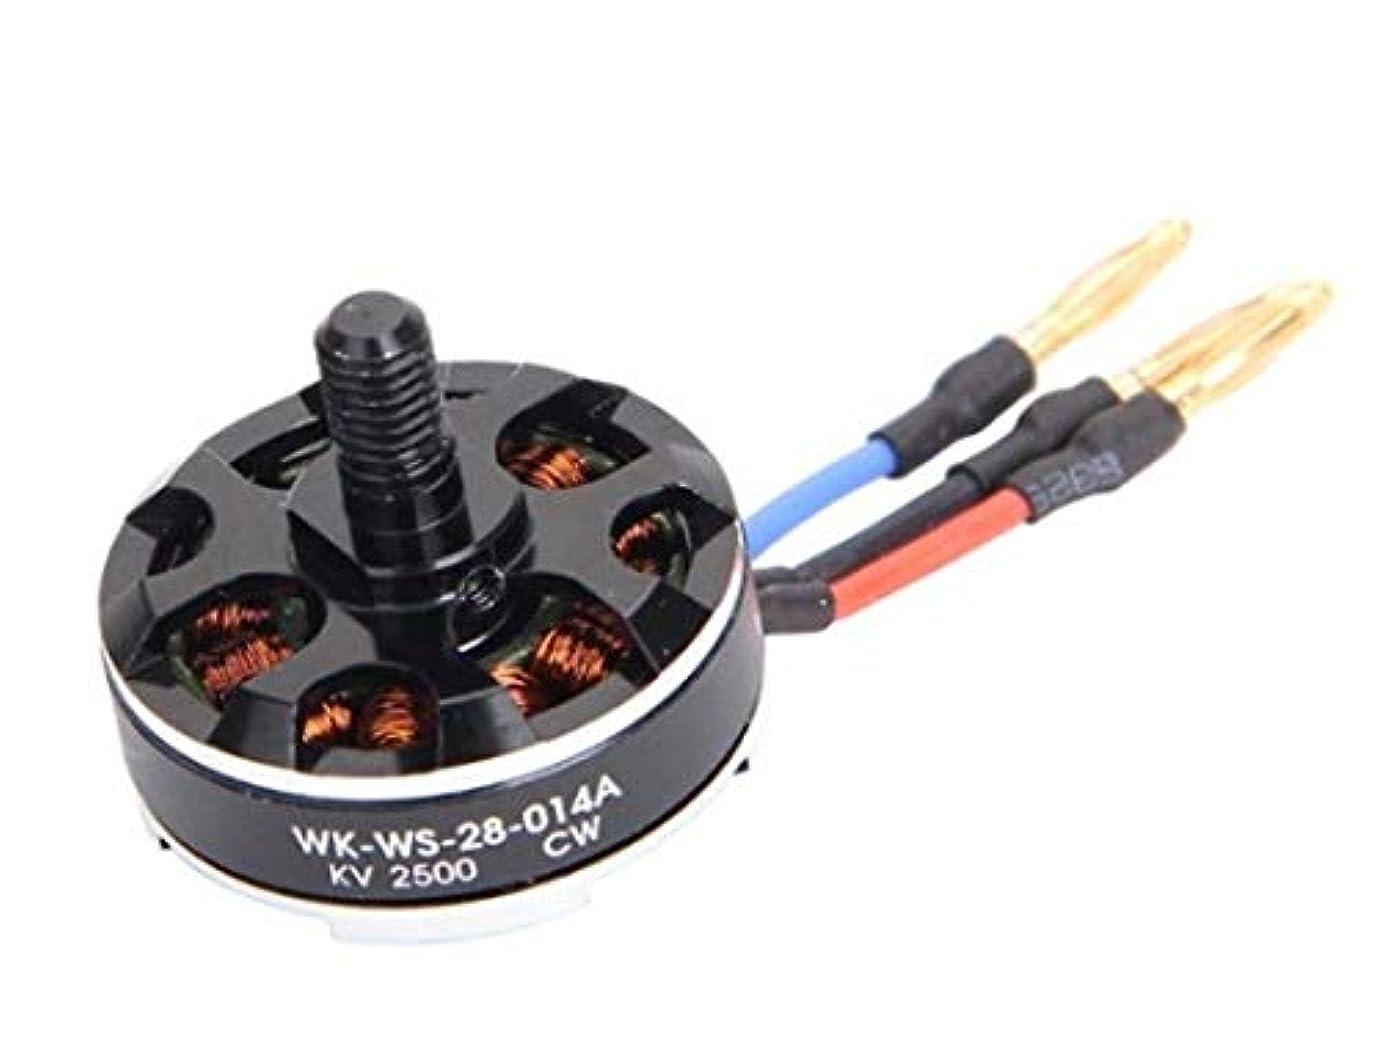 プレフィックス料理絶妙WALKERA ワルケラ パーツ/ F210、 F210 3D EDITION共通ブラシレスモーター(CW/時計回り)×1 (F210-Z-21B) Brushless Motor (CW)(WK-WS-28-014A)